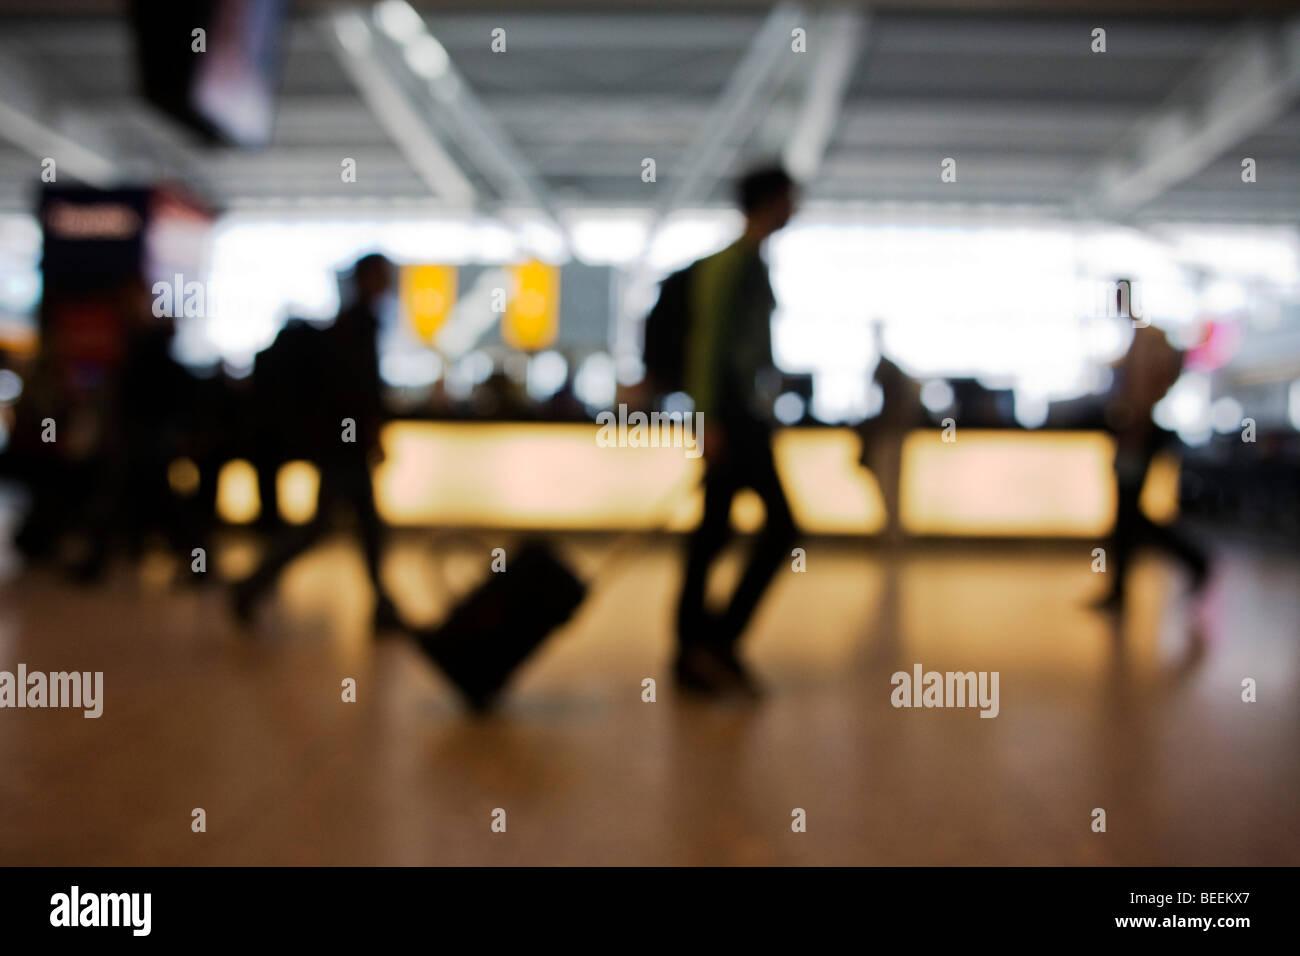 Hors focale, anonyme de passagers transitent par contre une forte lumière arrière de départs à Photo Stock